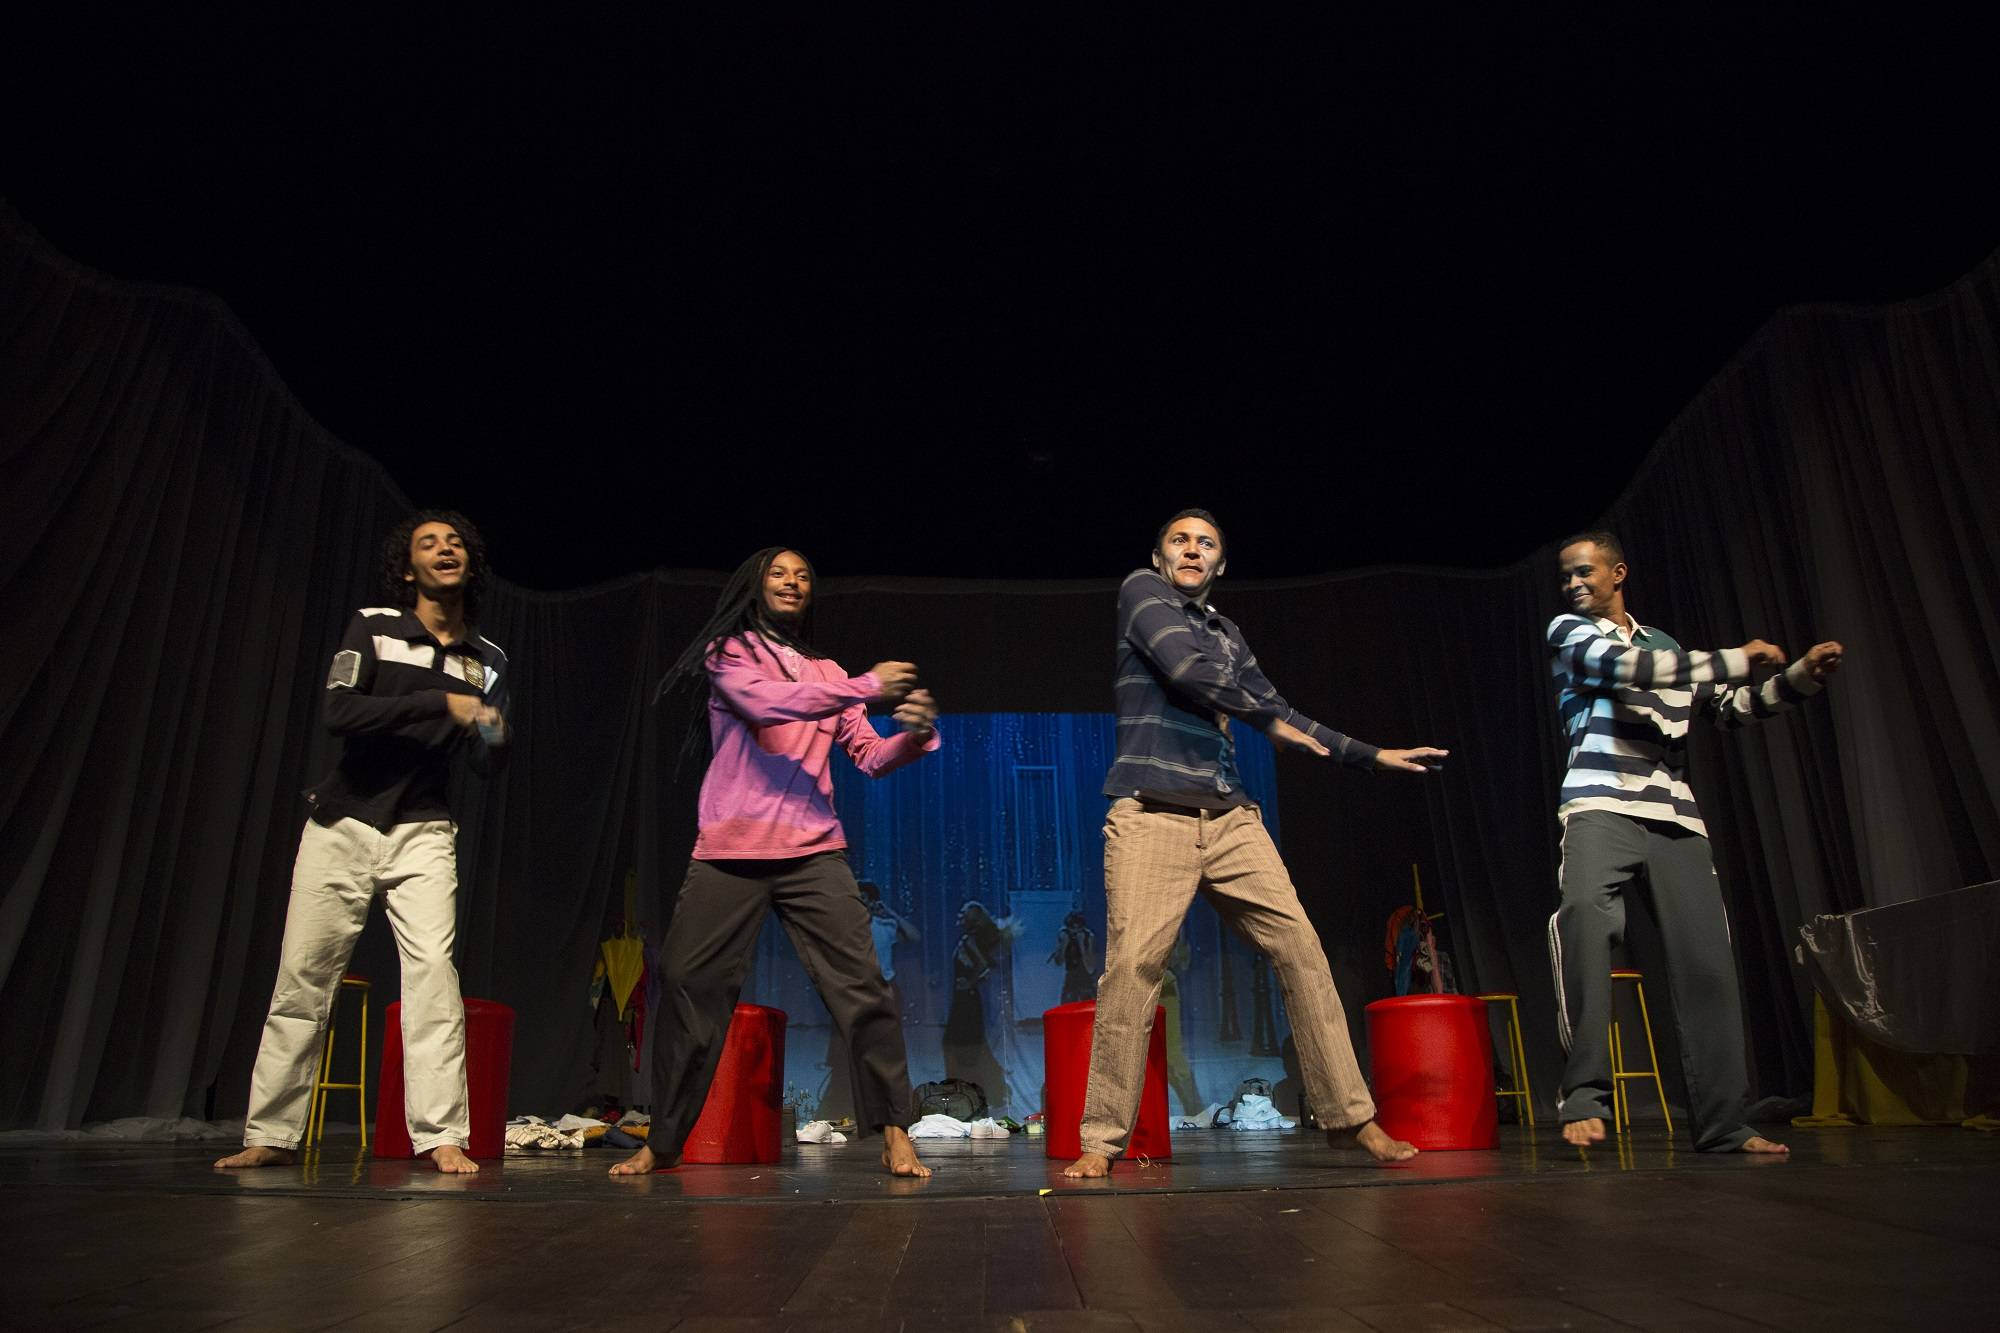 Foto - Quatro Homens Jovens - Cena do Espetáculo 3.jpg